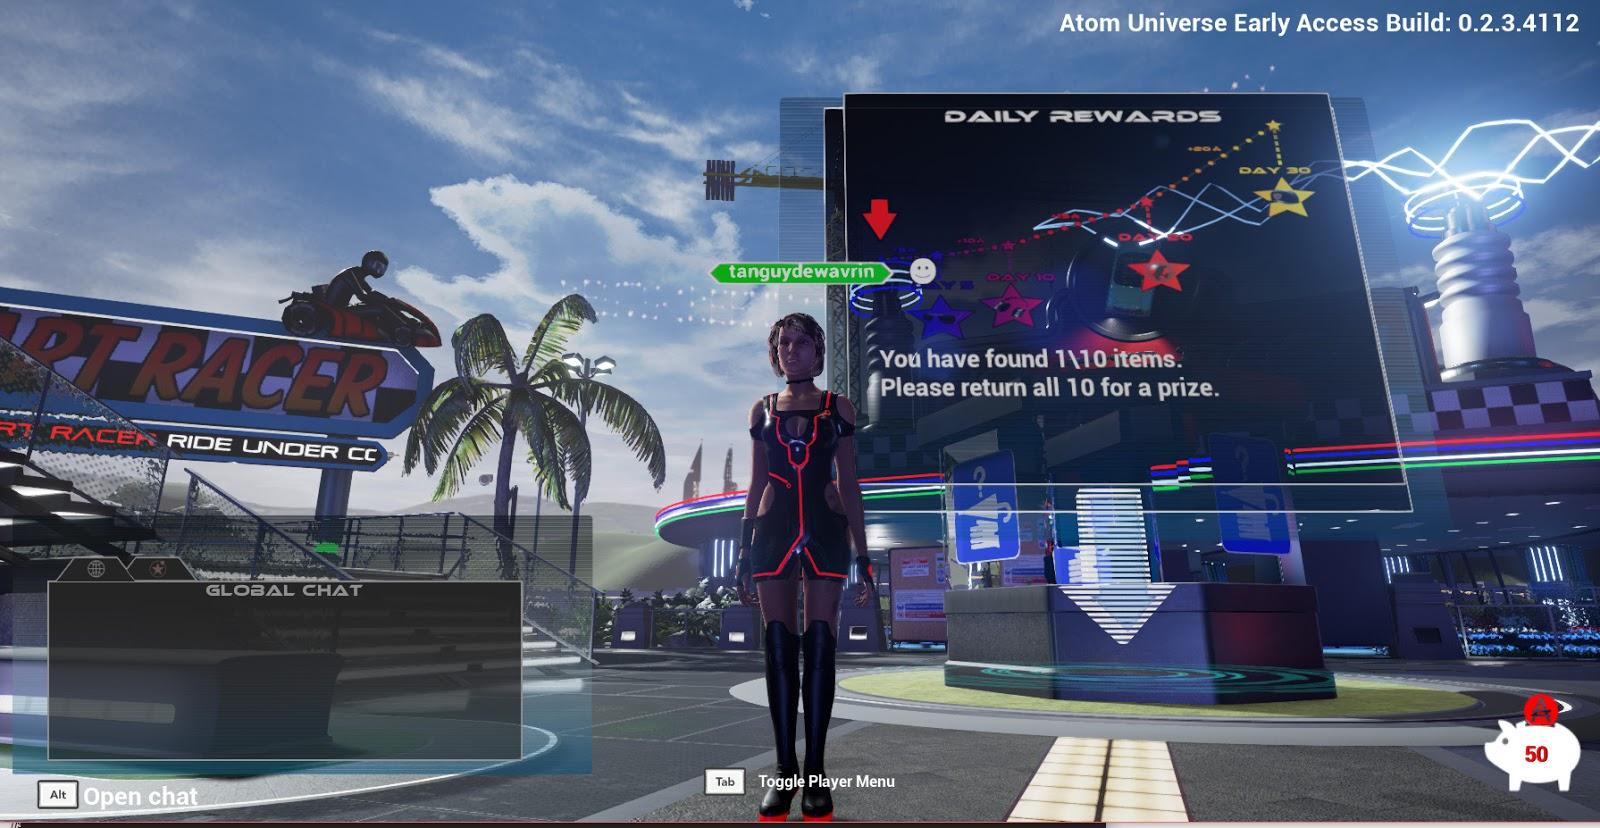 Novedades e Información en Atom Universe Kiosk